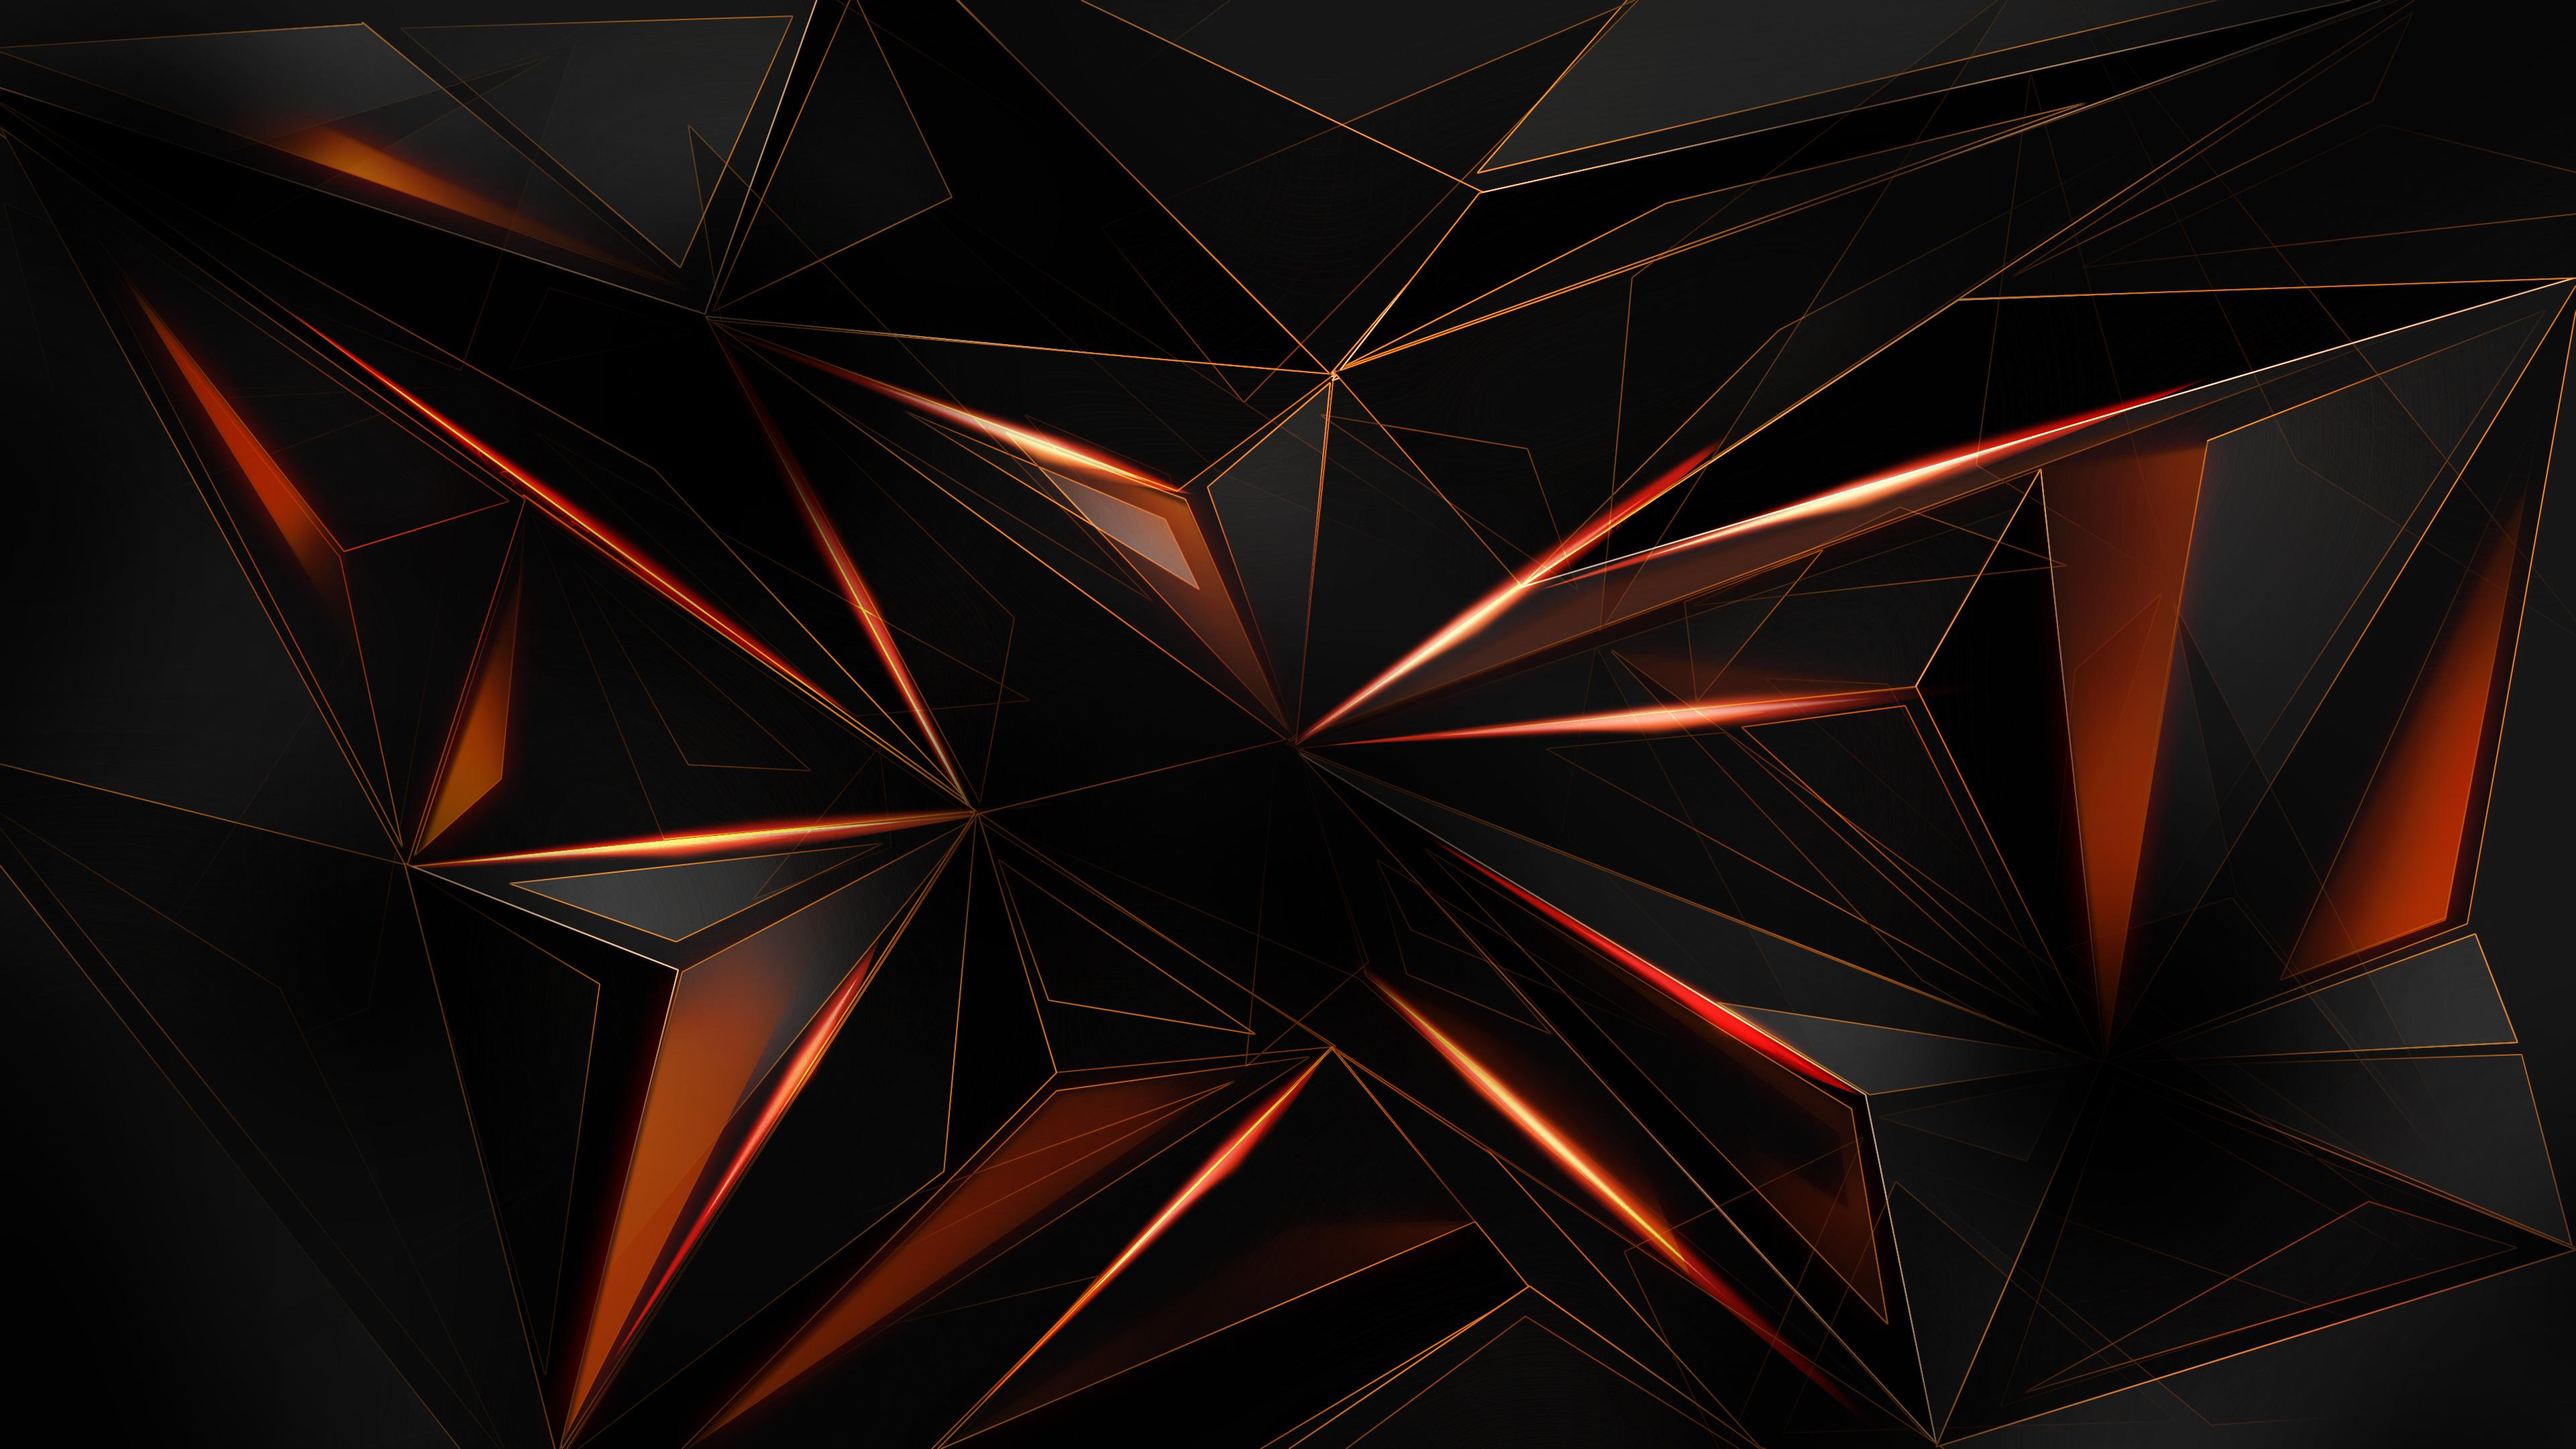 polygon abstract shapes sharp 4k 1539371624 - Polygon Abstract Shapes Sharp 4k - shapes wallpapers, polygon wallpapers, hd-wallpapers, deviantart wallpapers, abstract wallpapers, 4k-wallpapers